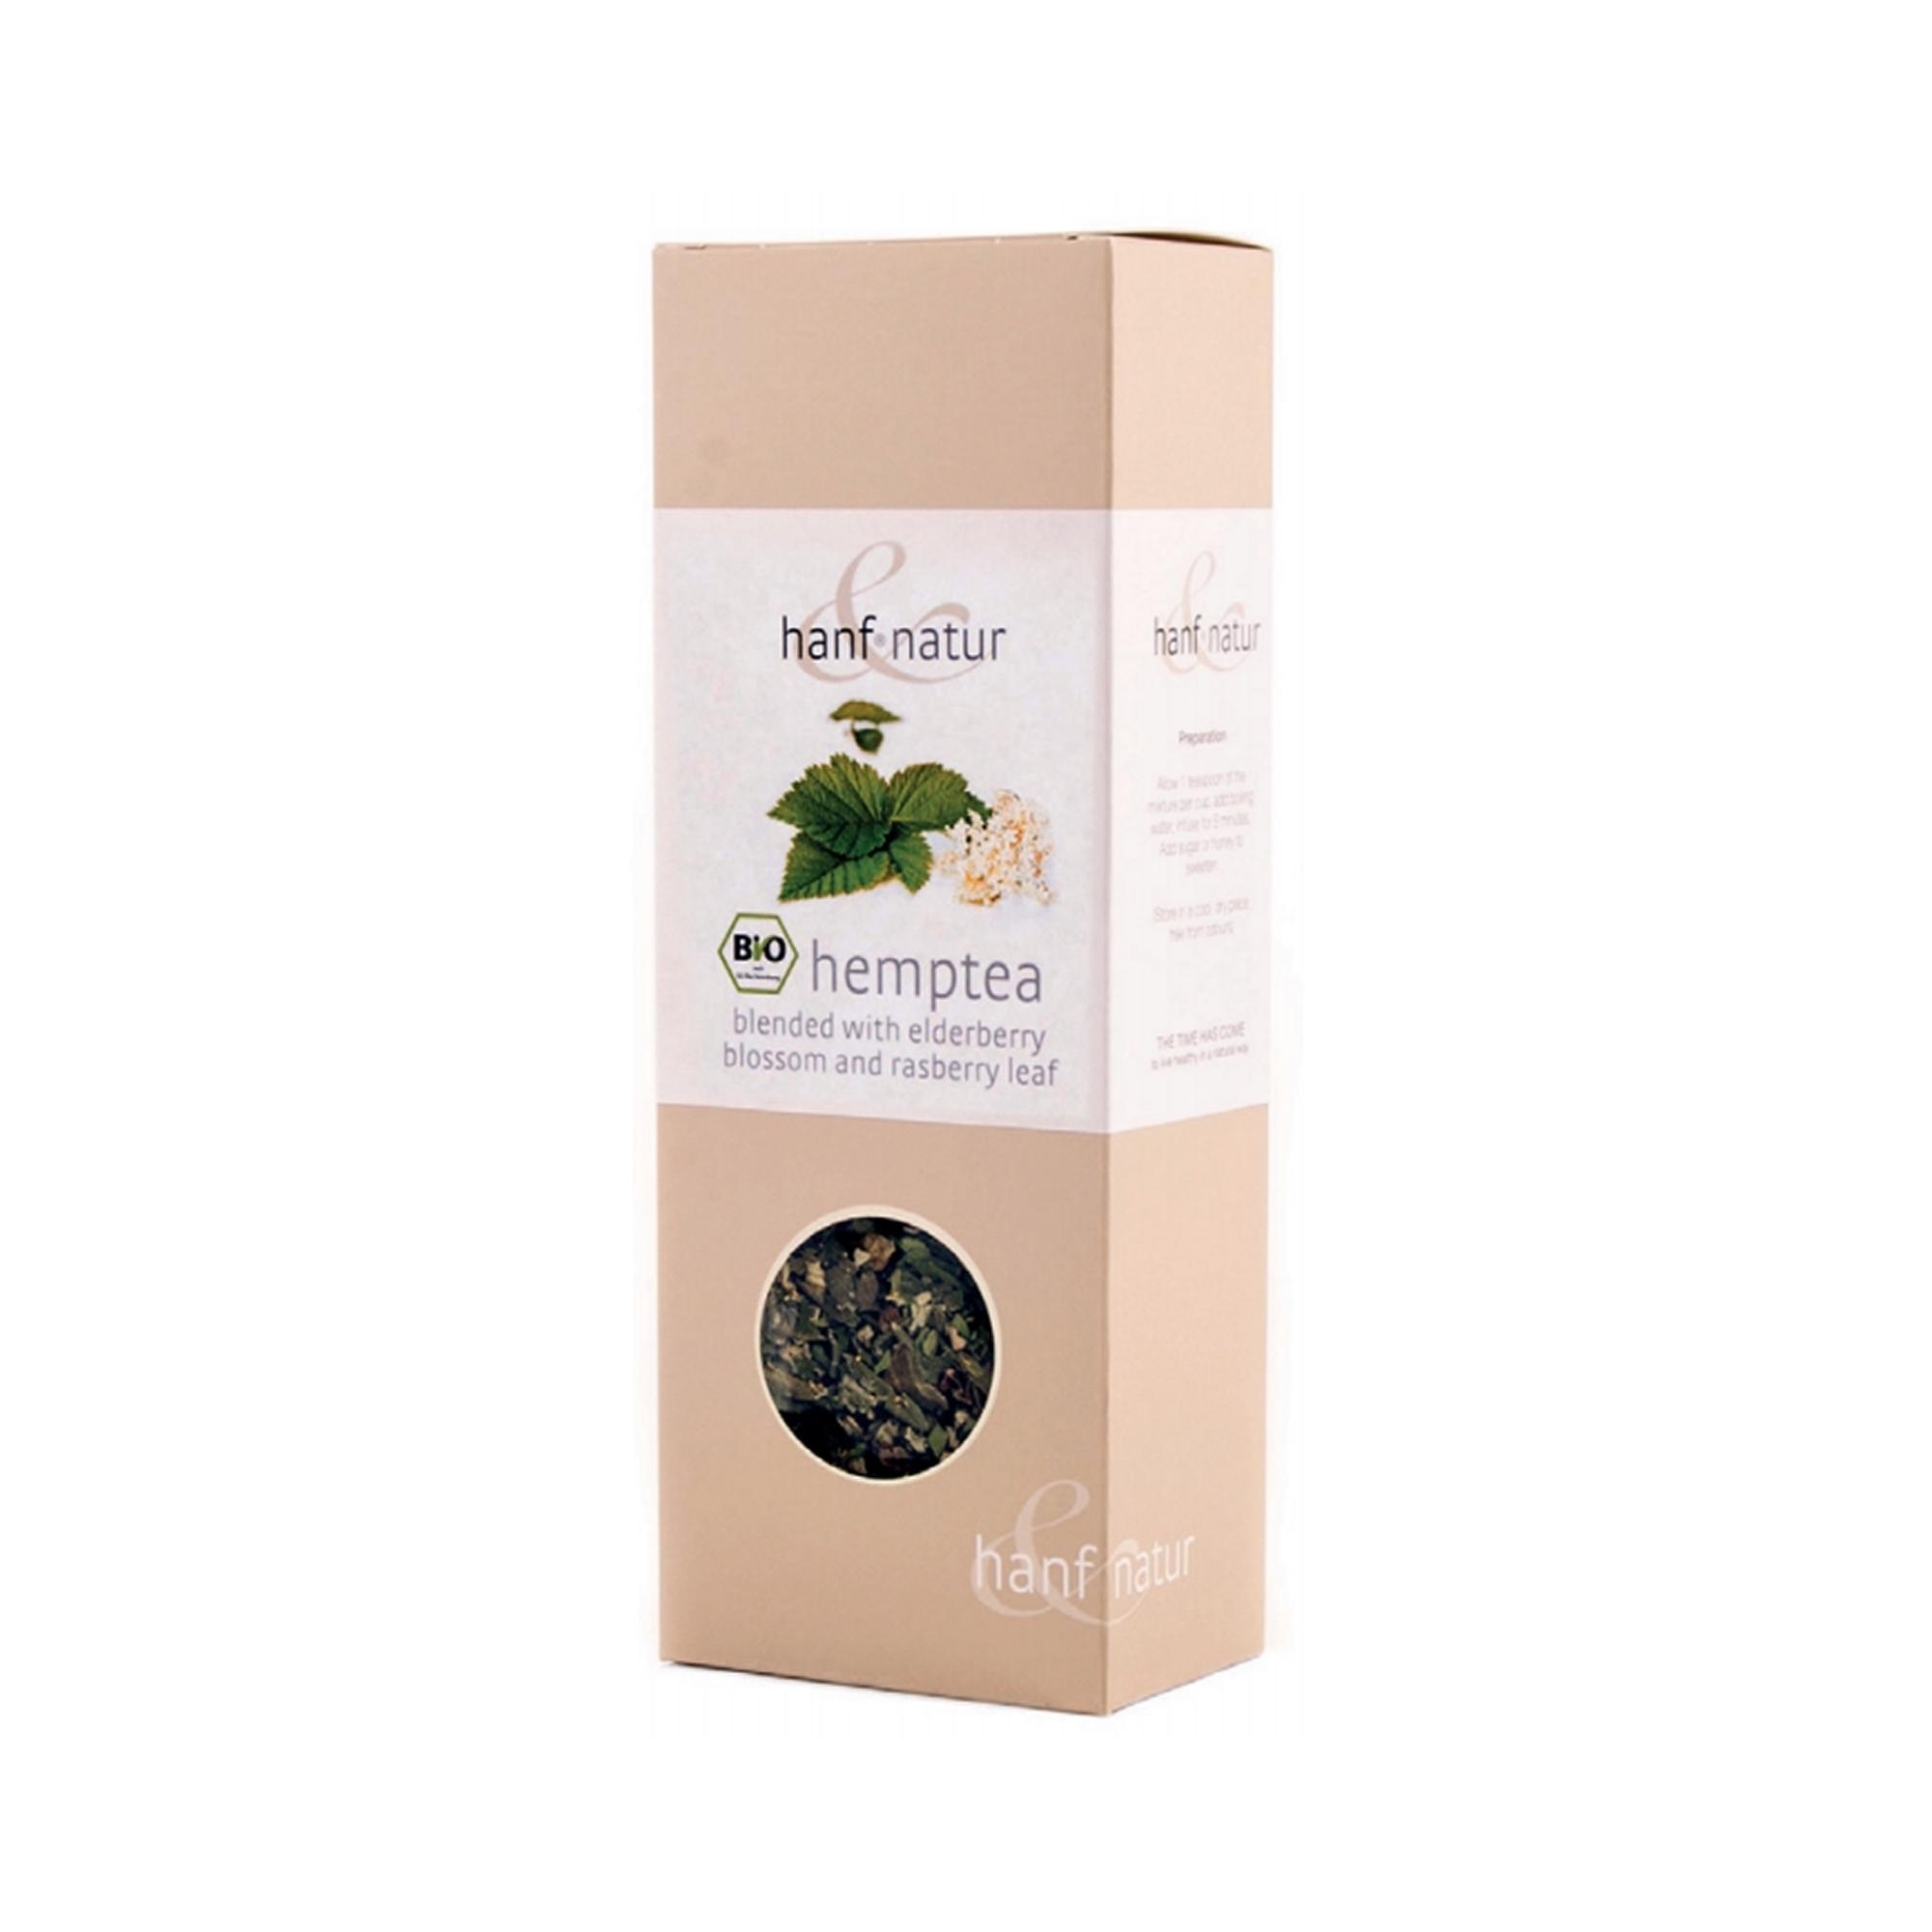 Thé de chanvre, Fleur de Sureau et feuilles de Framboisier Bio